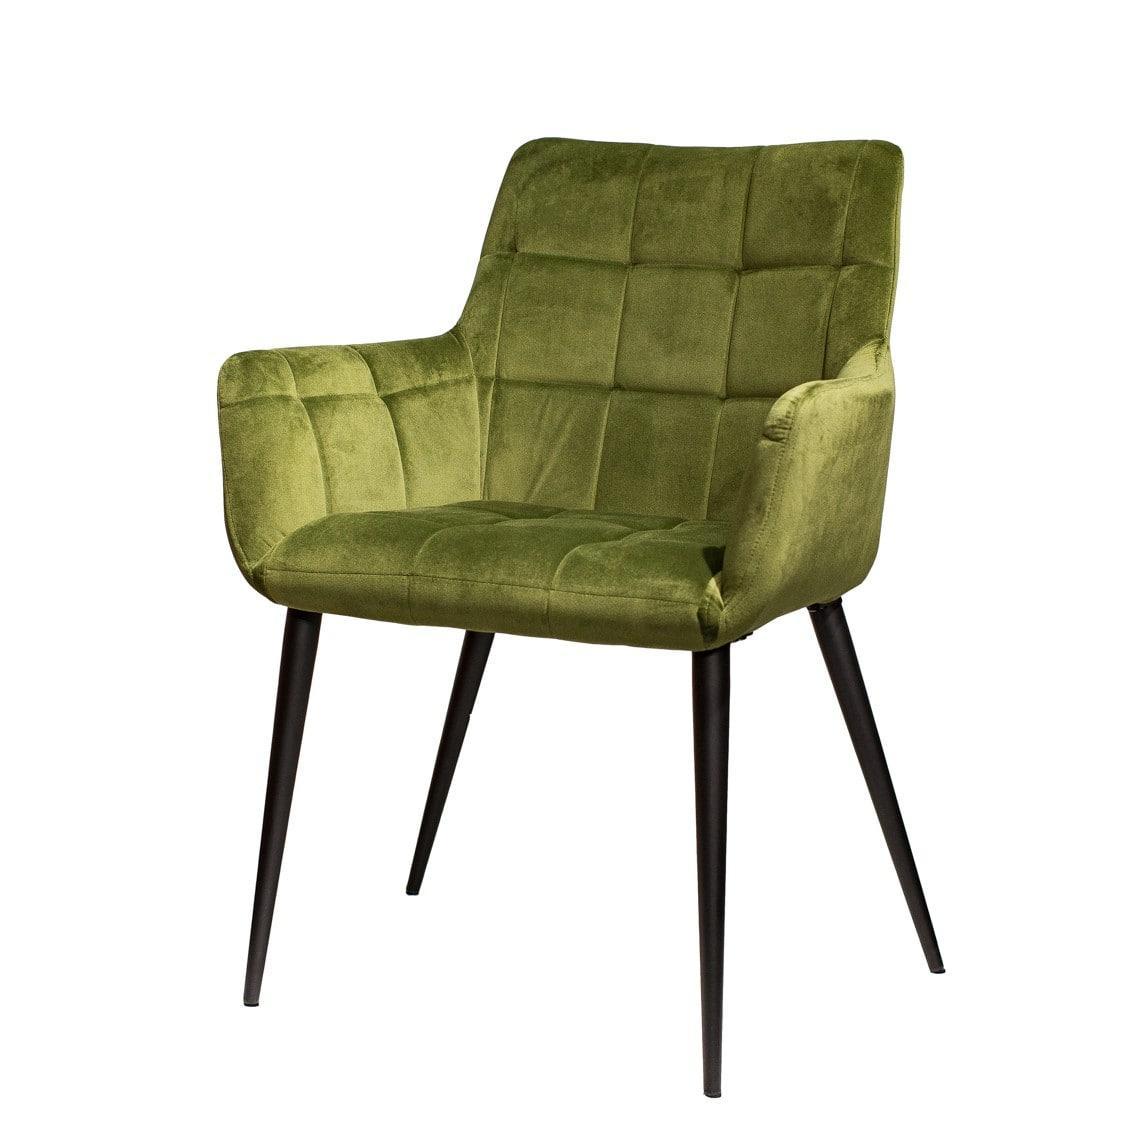 Современная недорогая дизайнерская мебель в RAROOM: стулья